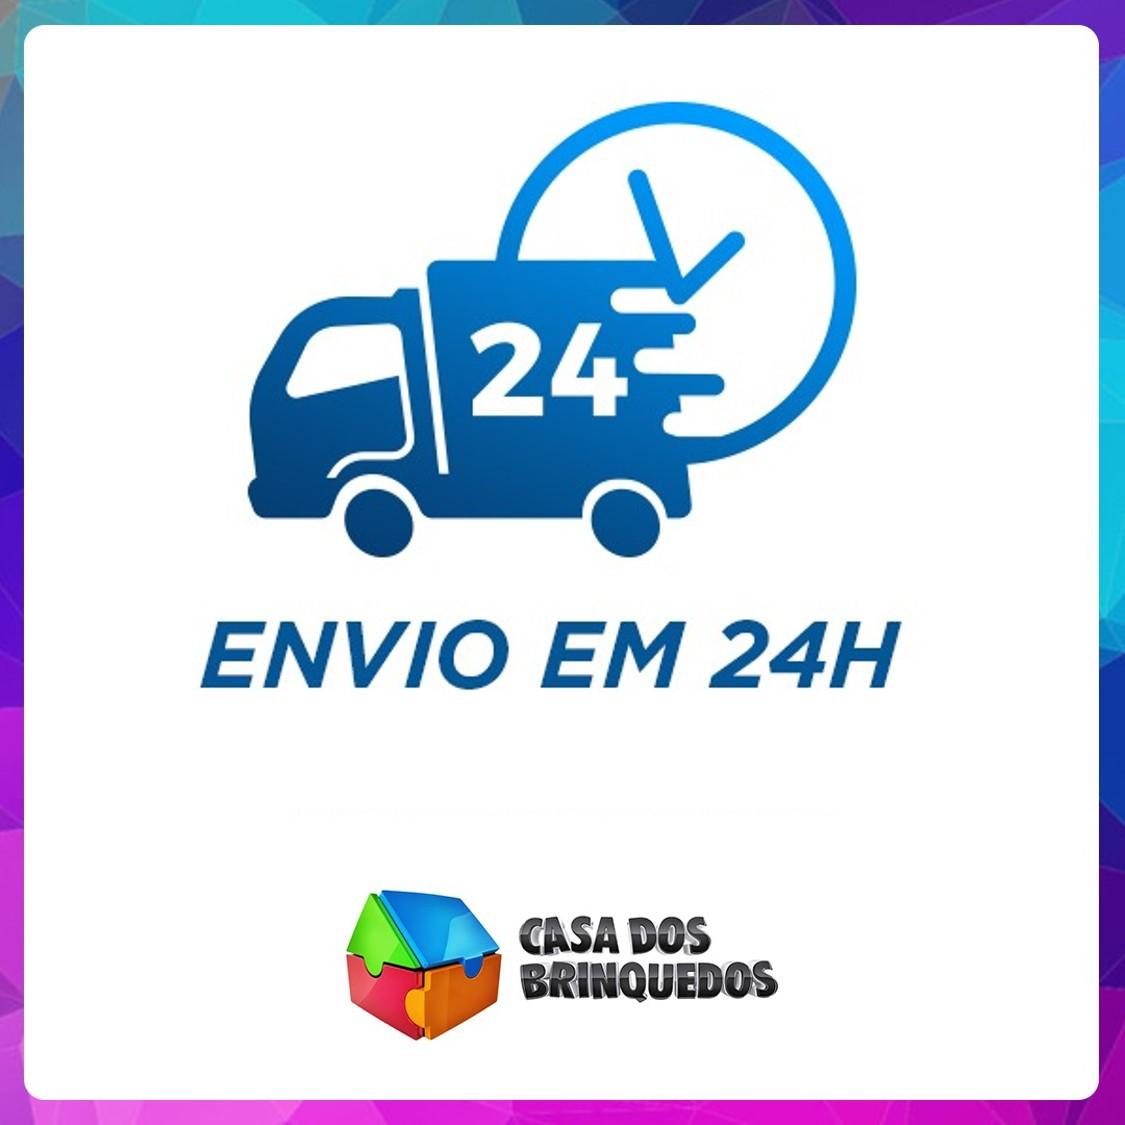 CARRINHO DE CORRIDA STOCK KANSAS 246 BS TOYS